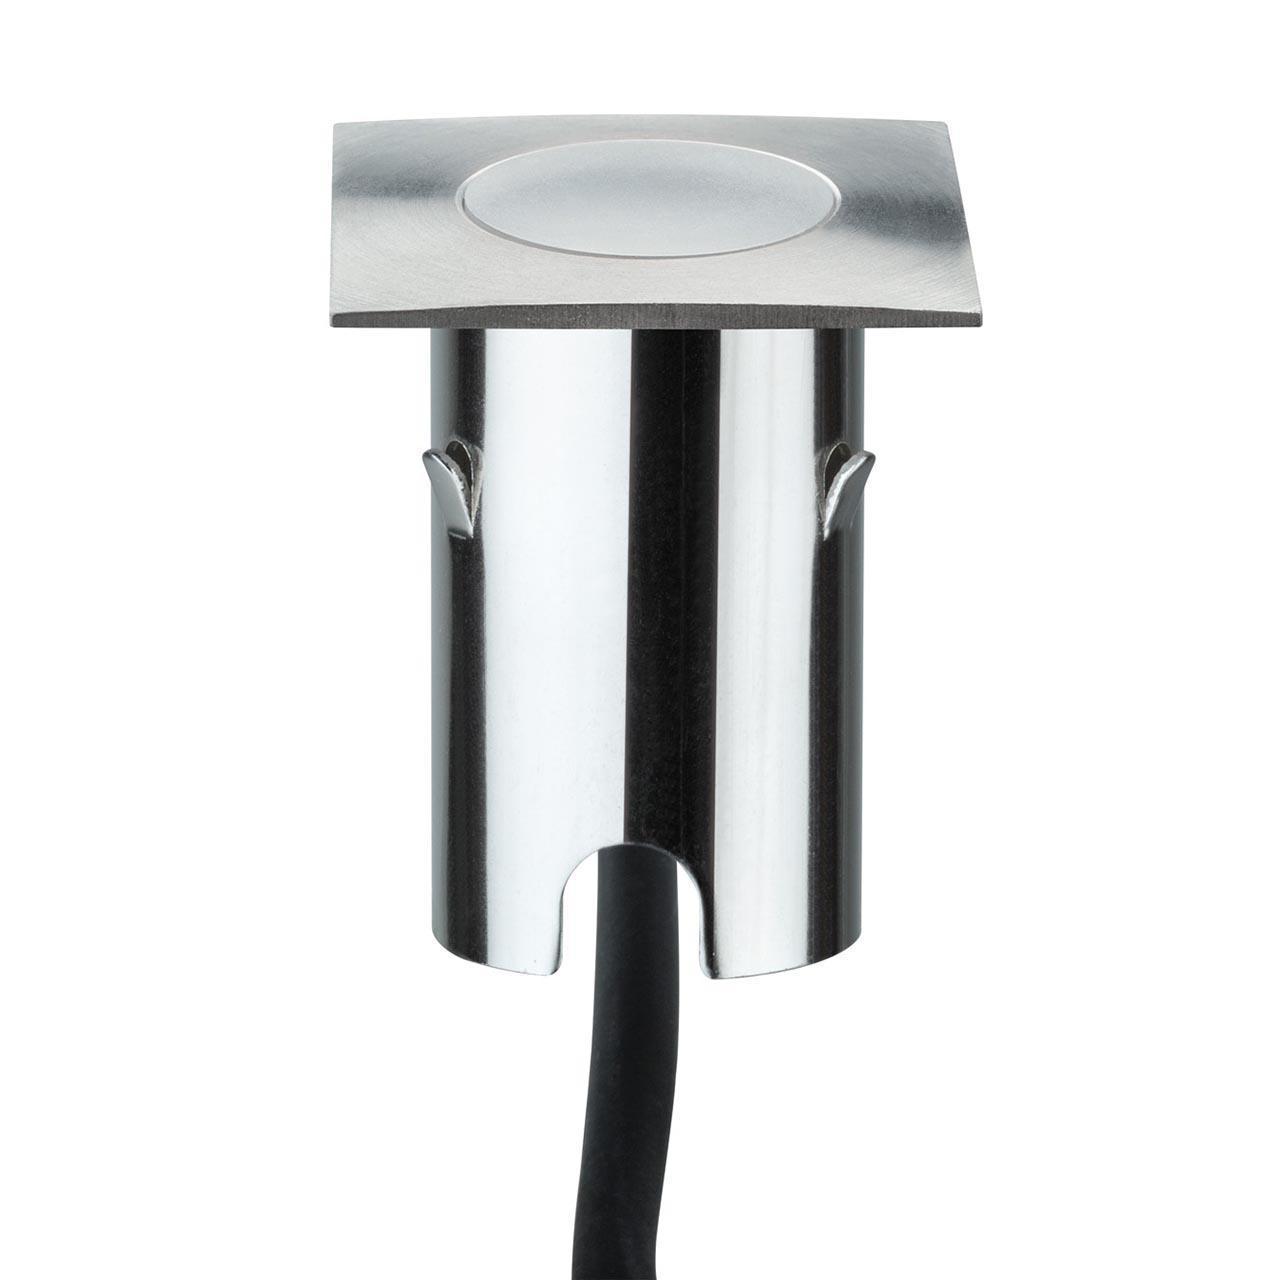 Ландшафтный светодиодный светильник Miniplus Extra